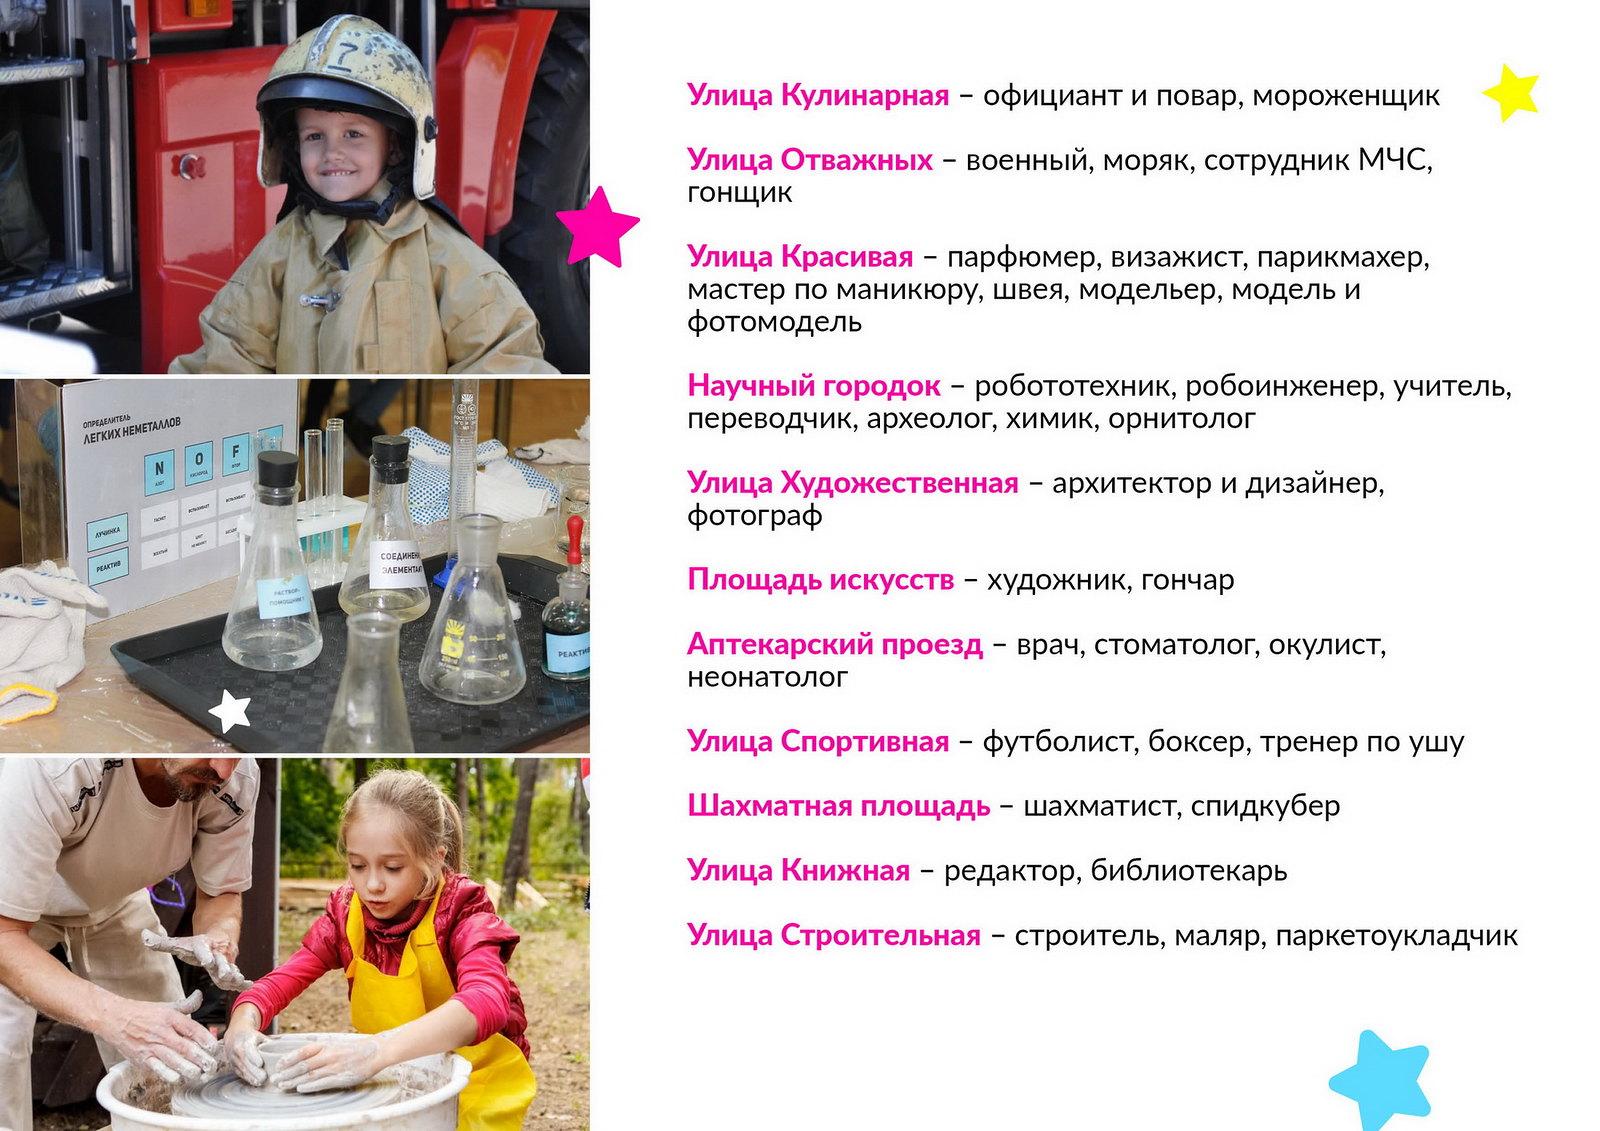 Единорог_ Все профессии 2(1)